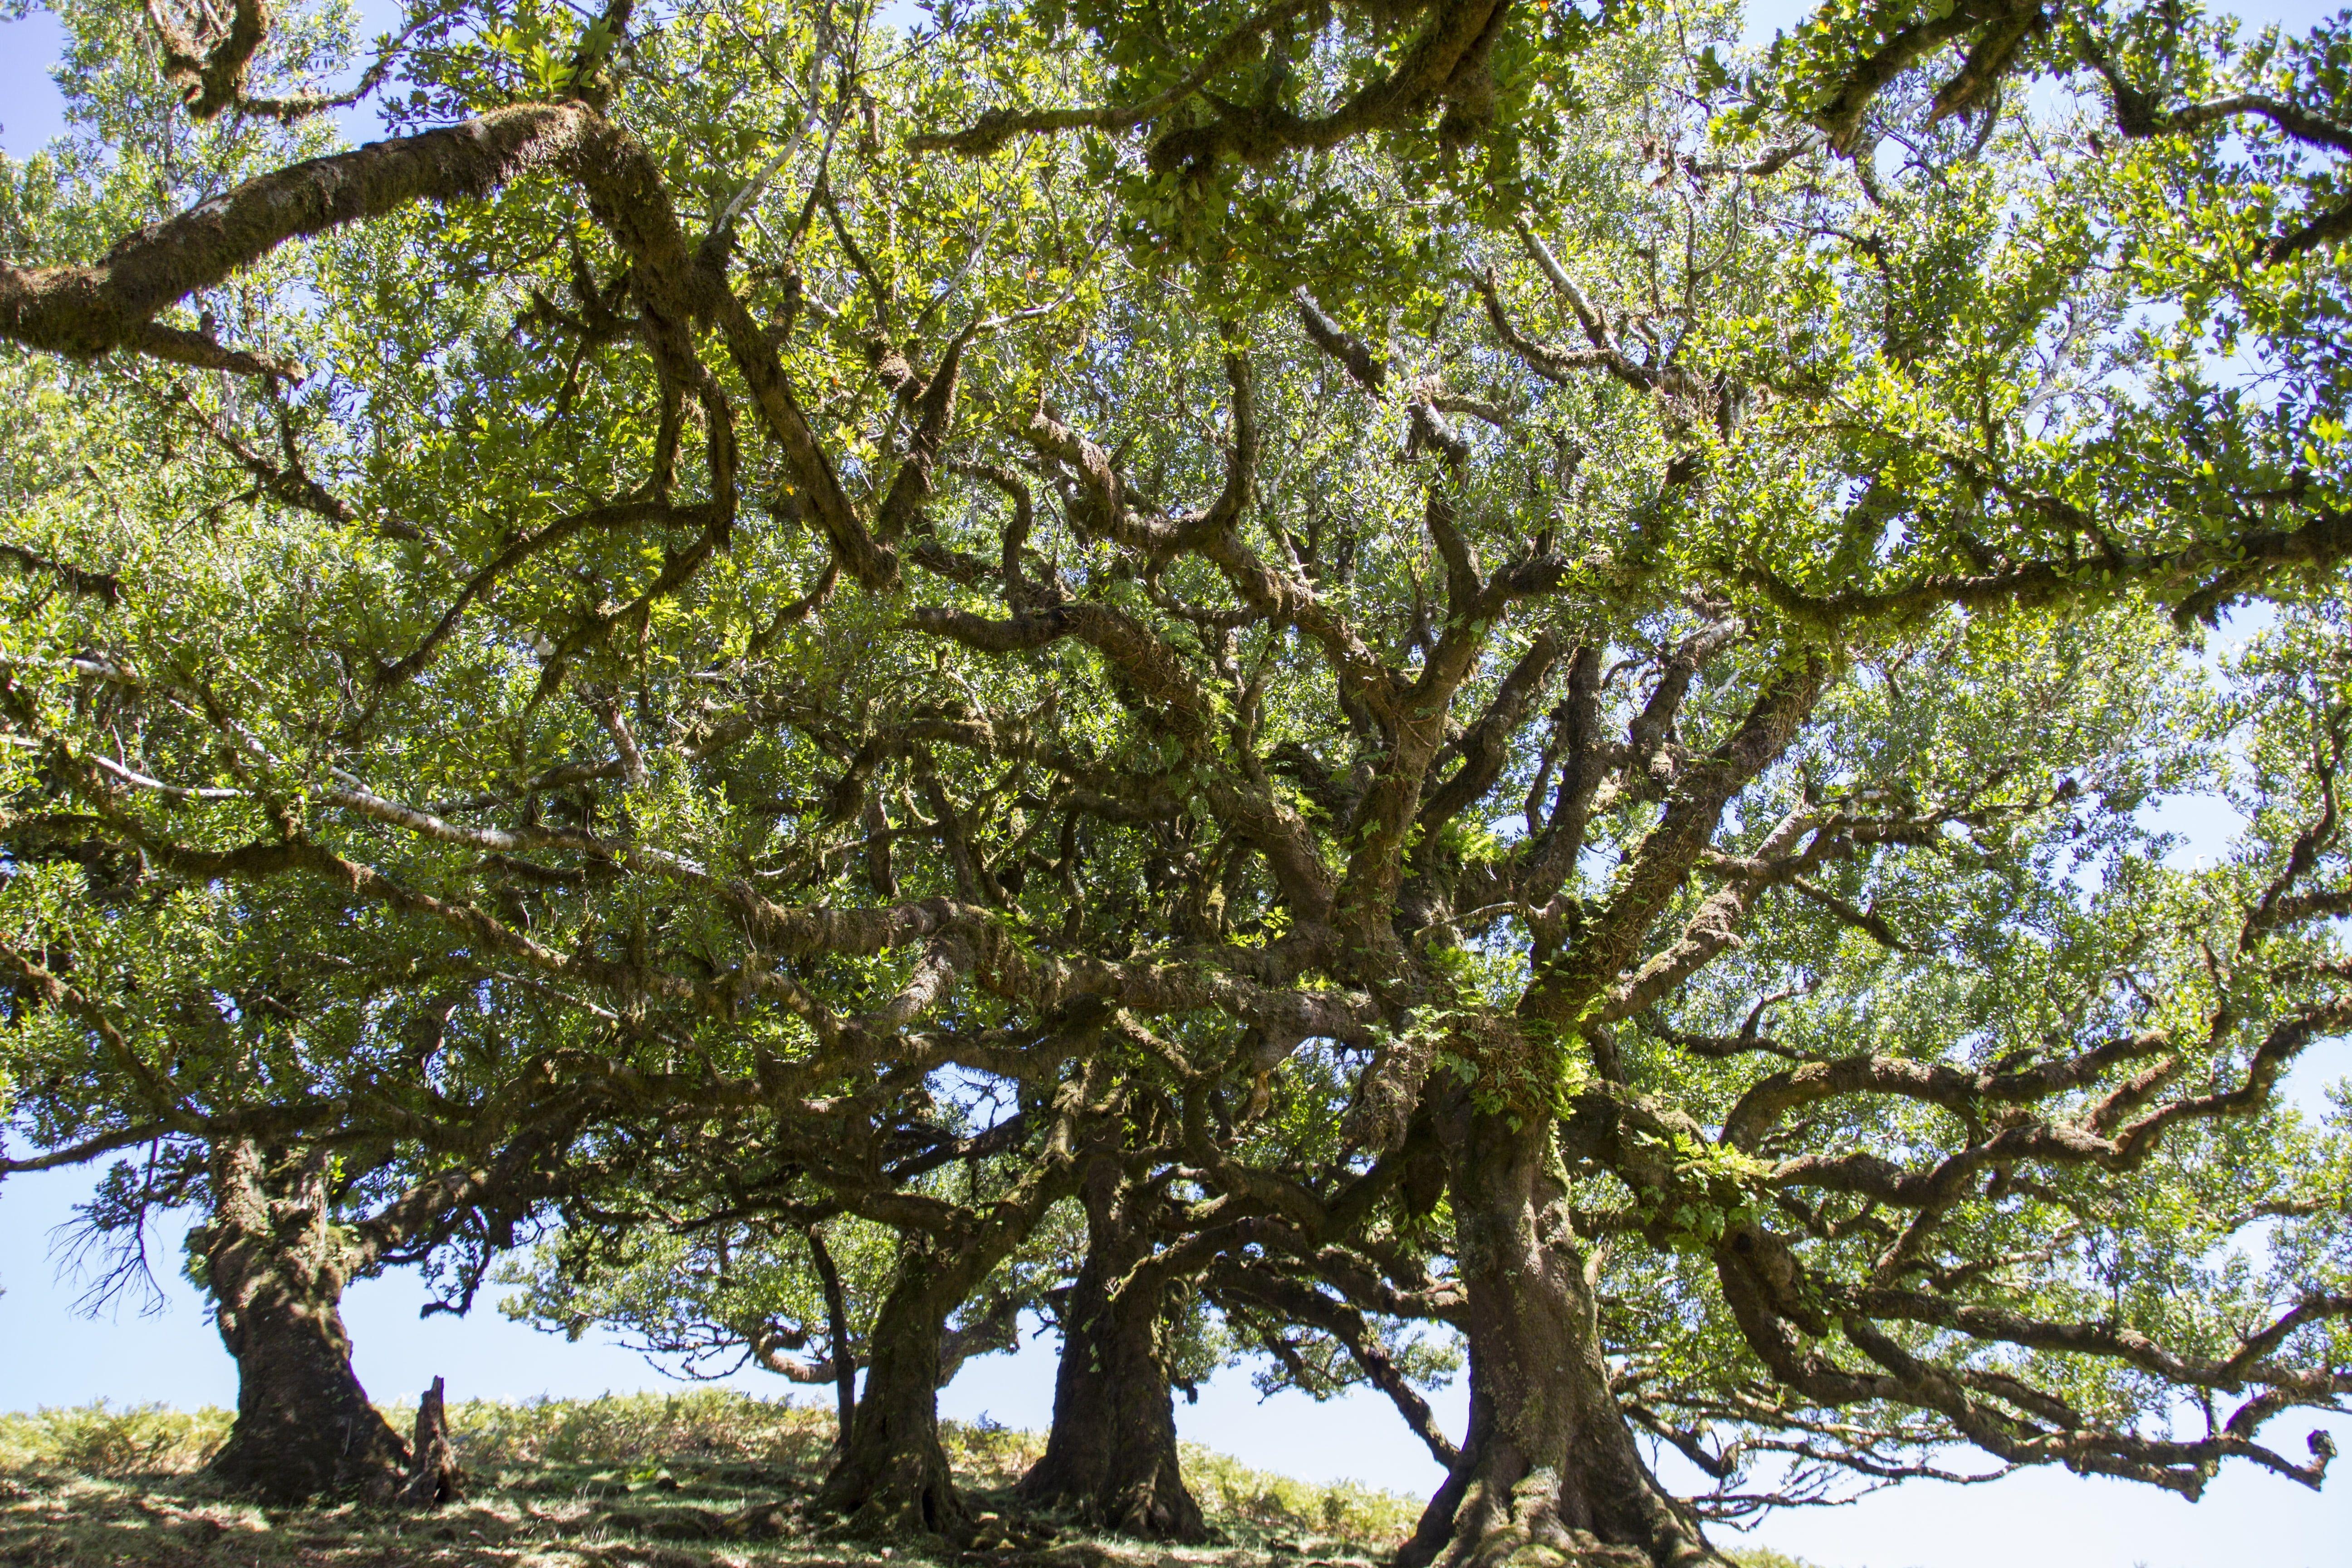 lasy wawrzynowe